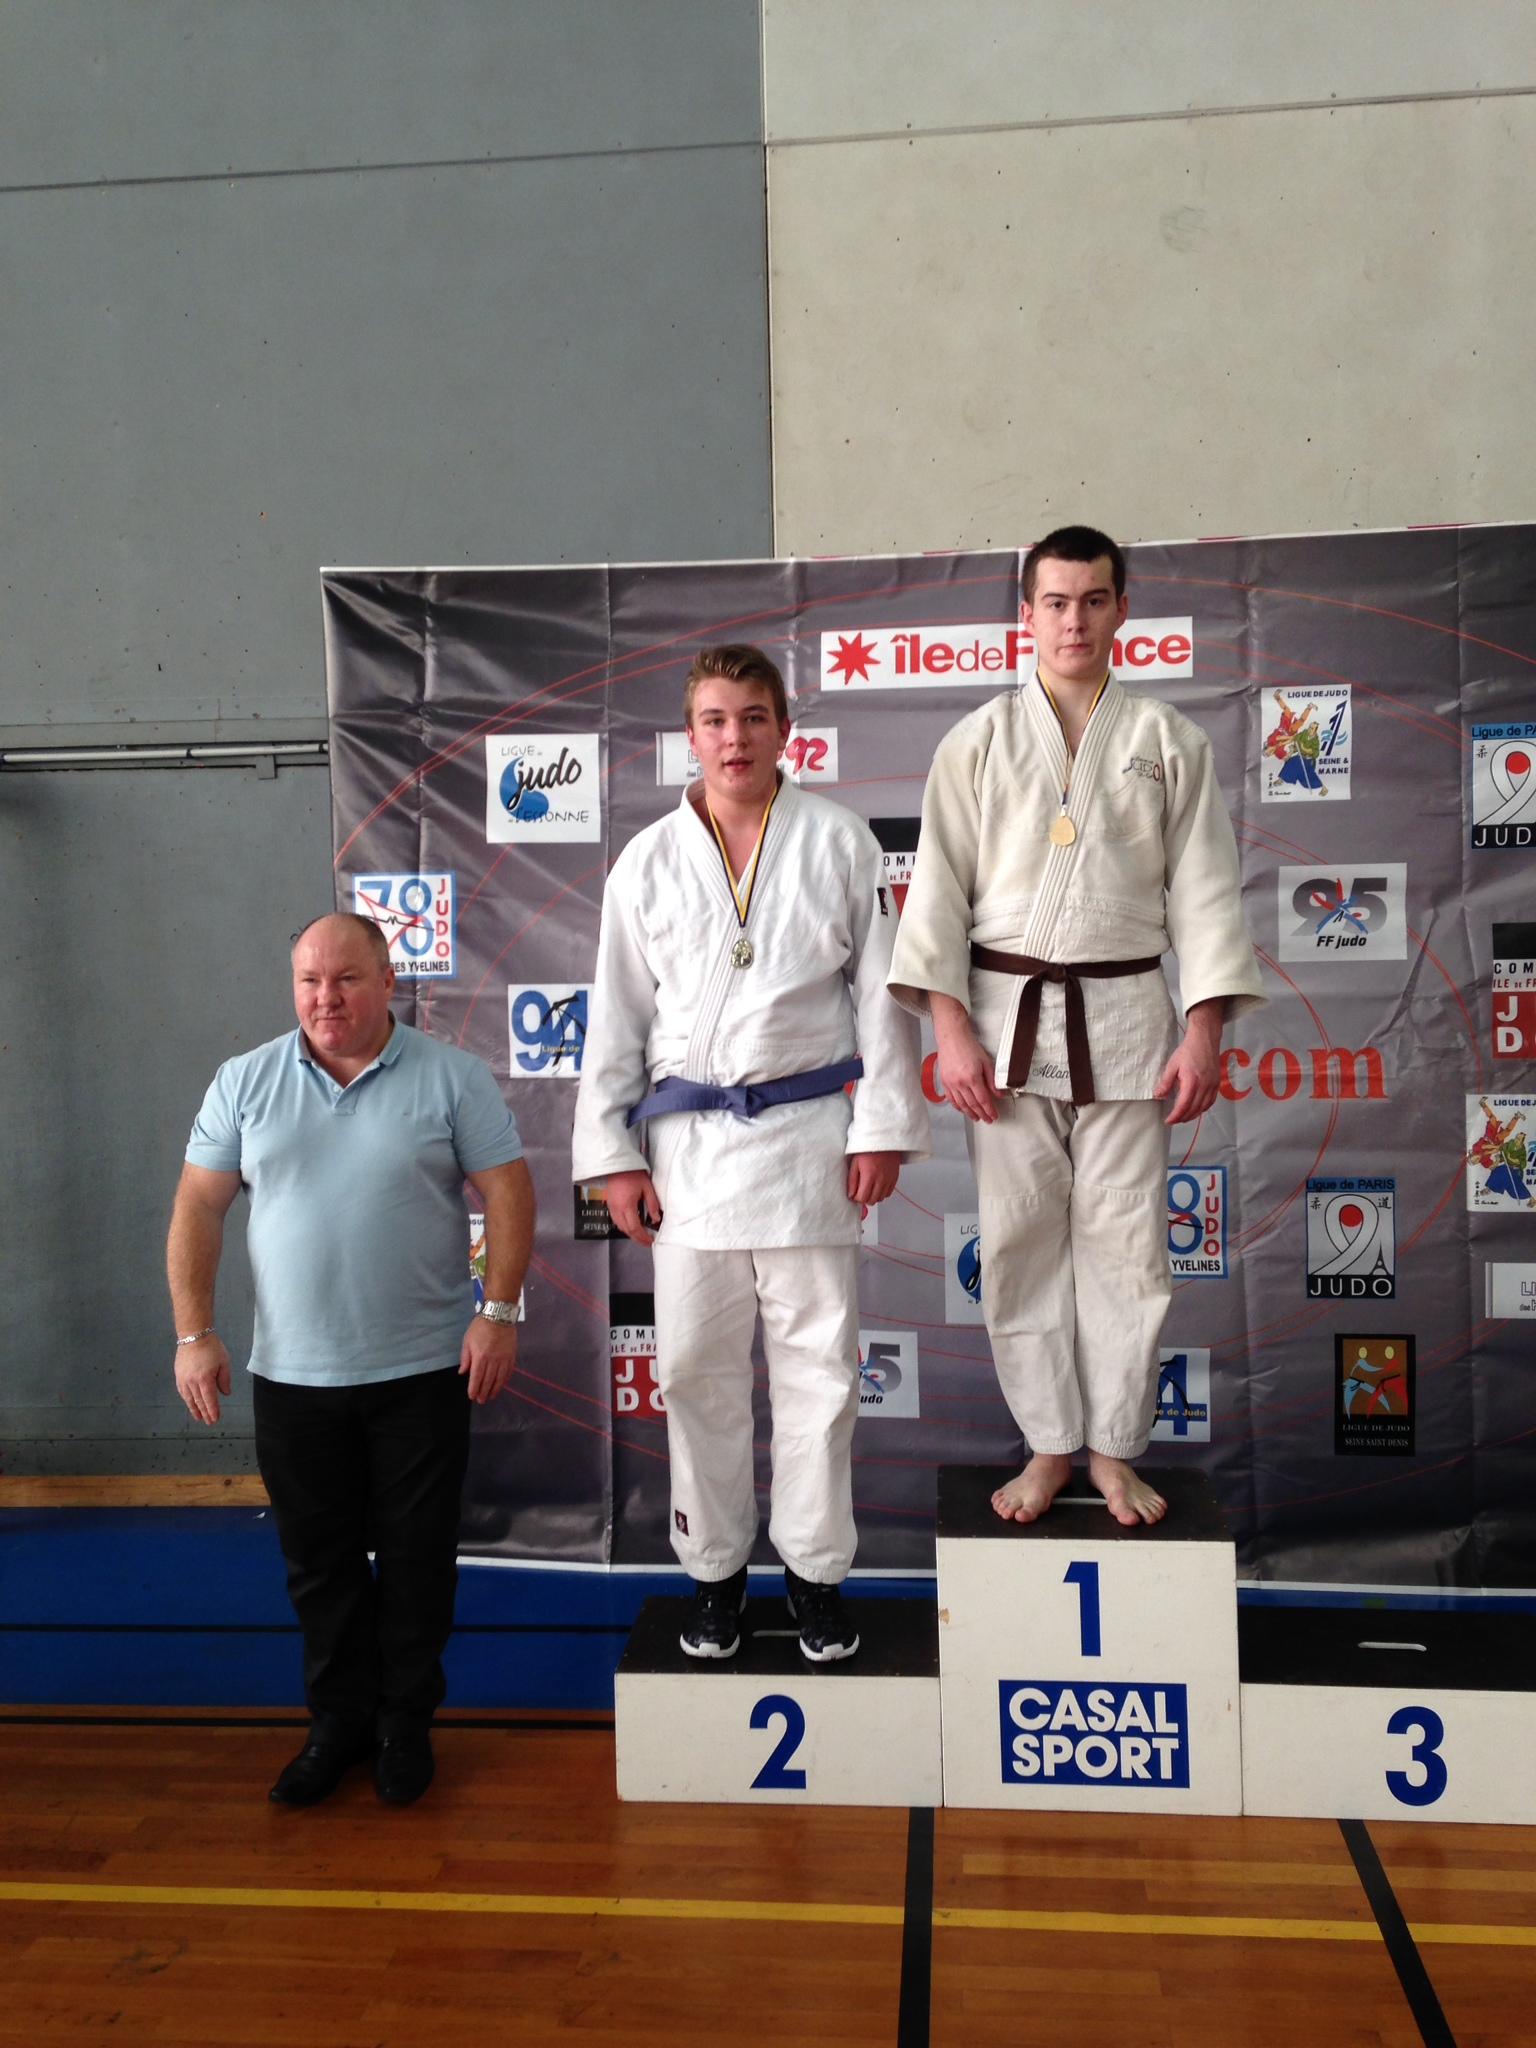 Valentin Nowack +90 kg 2ème (qualifié pour les demi-finales des Championnats de France